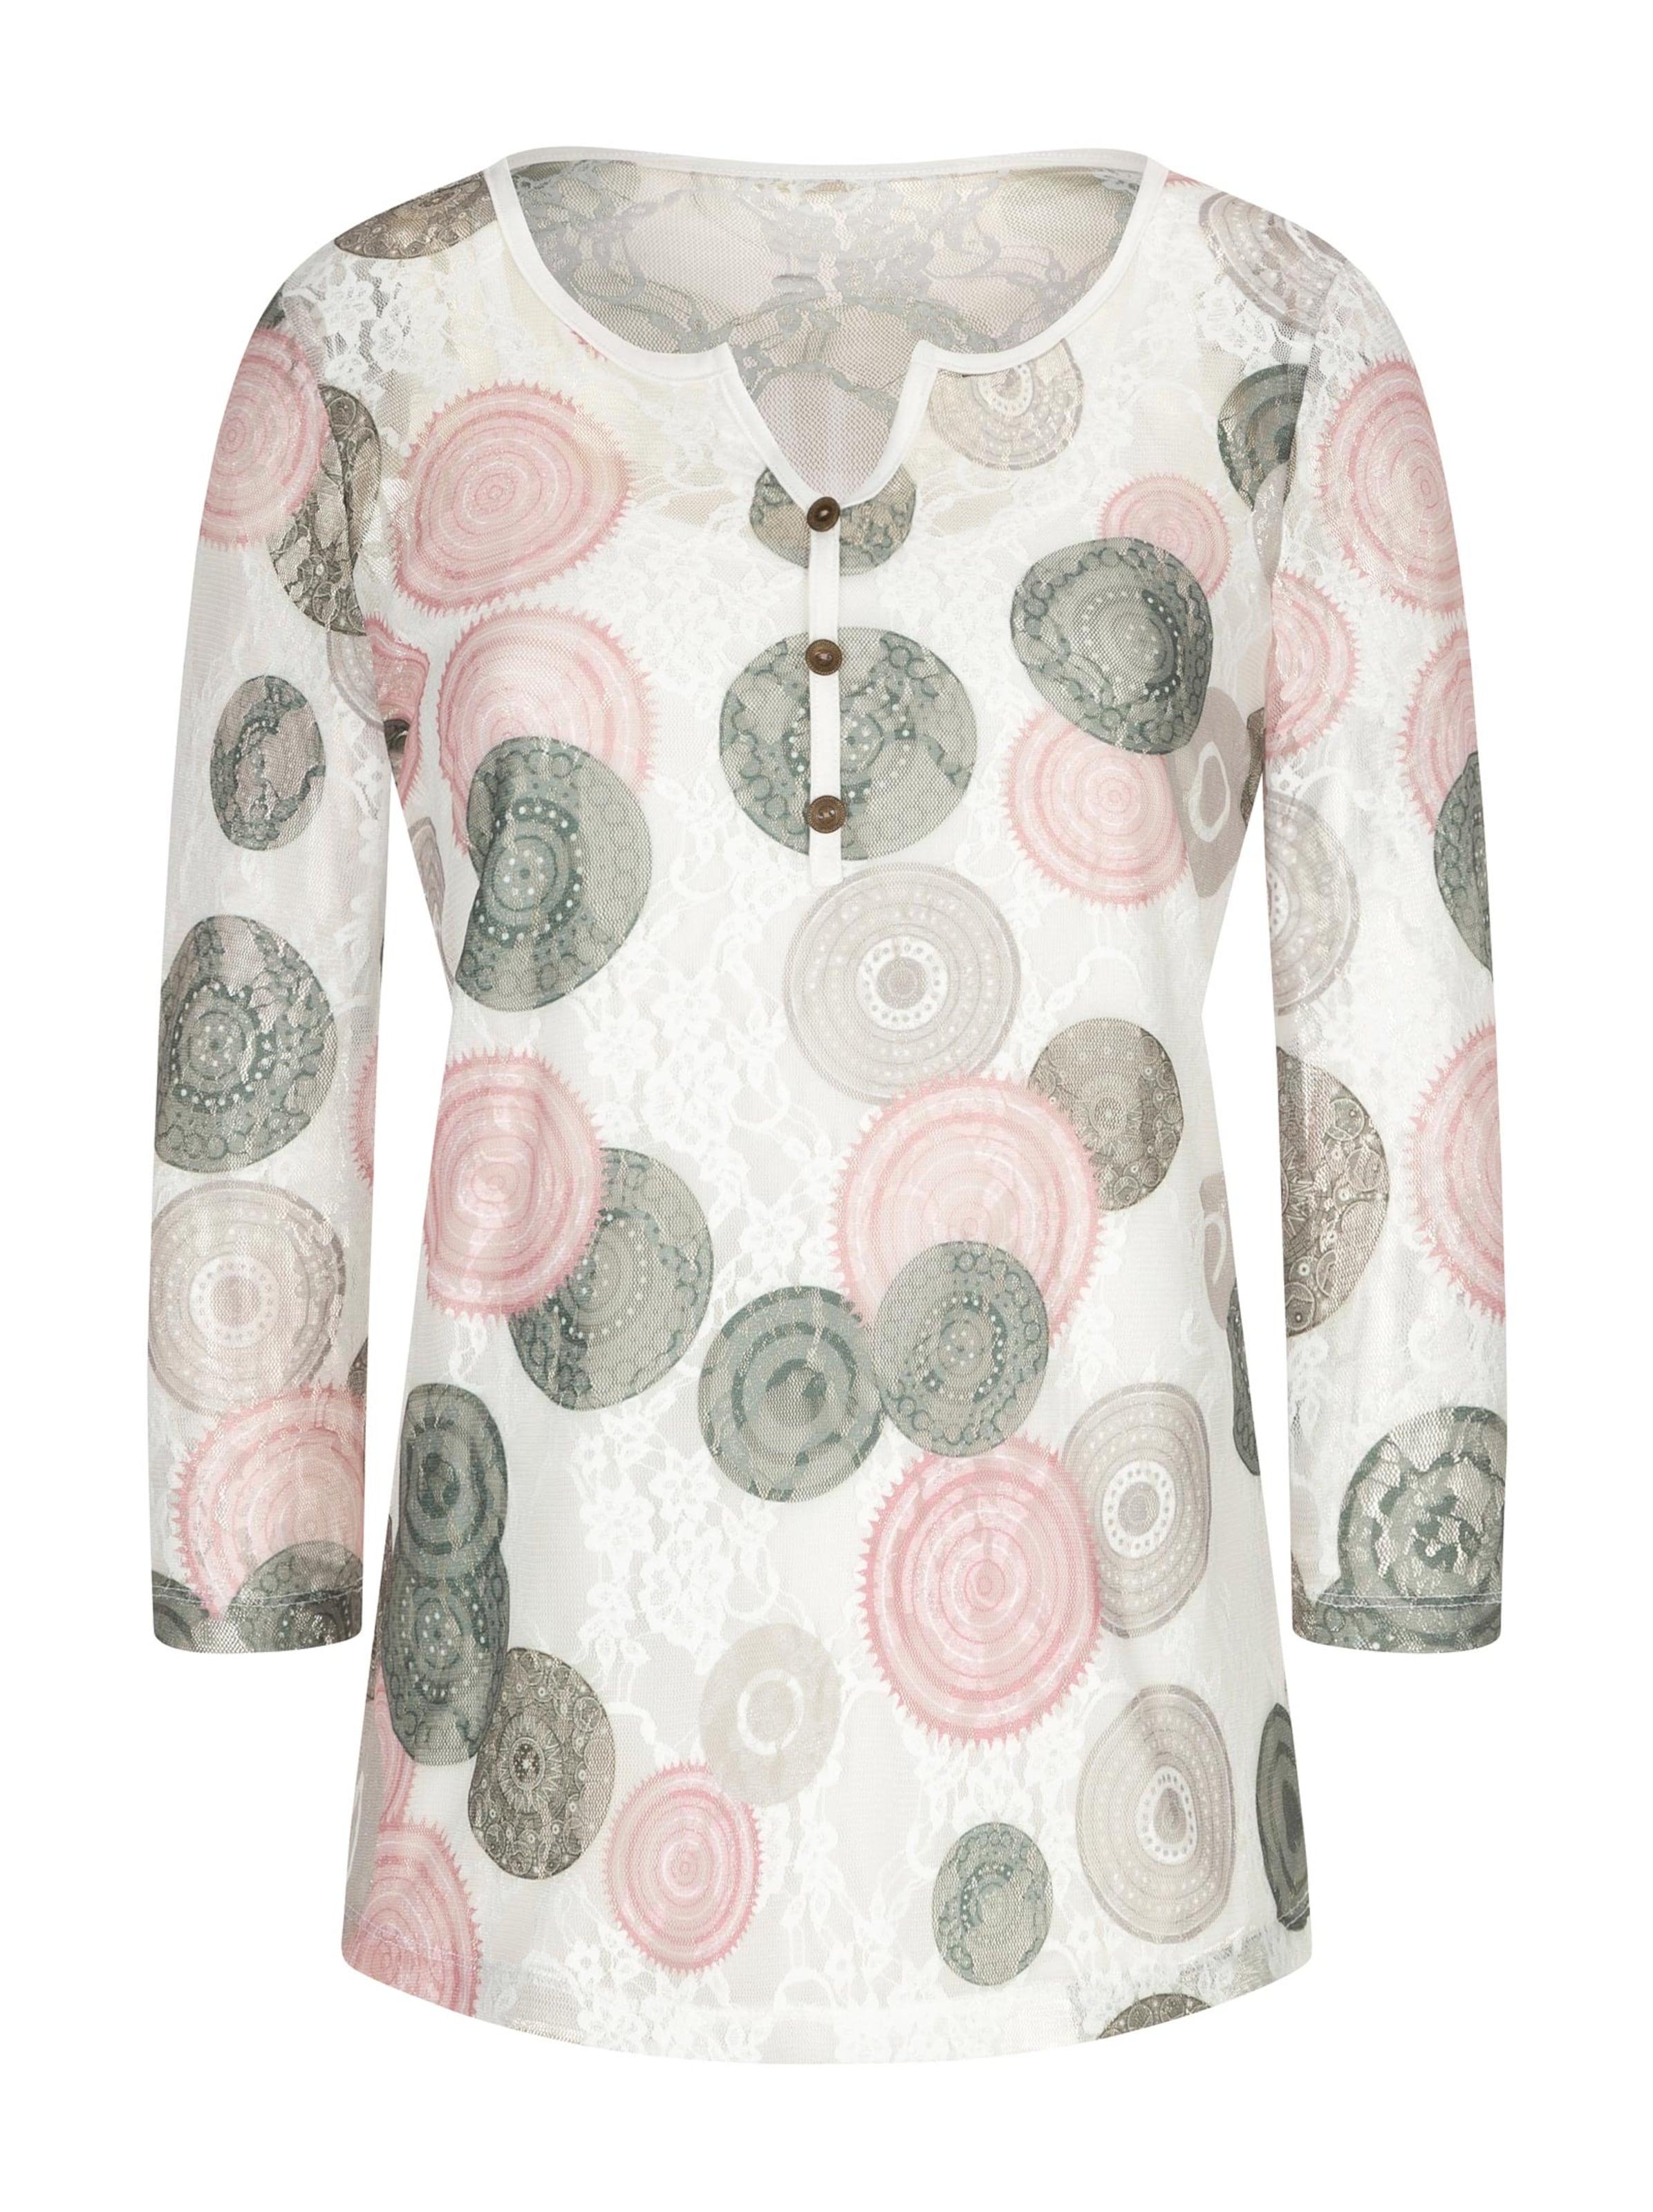 witt weiden - Damen Shirt + Shirttop rosenquarz-khaki-bedruckt